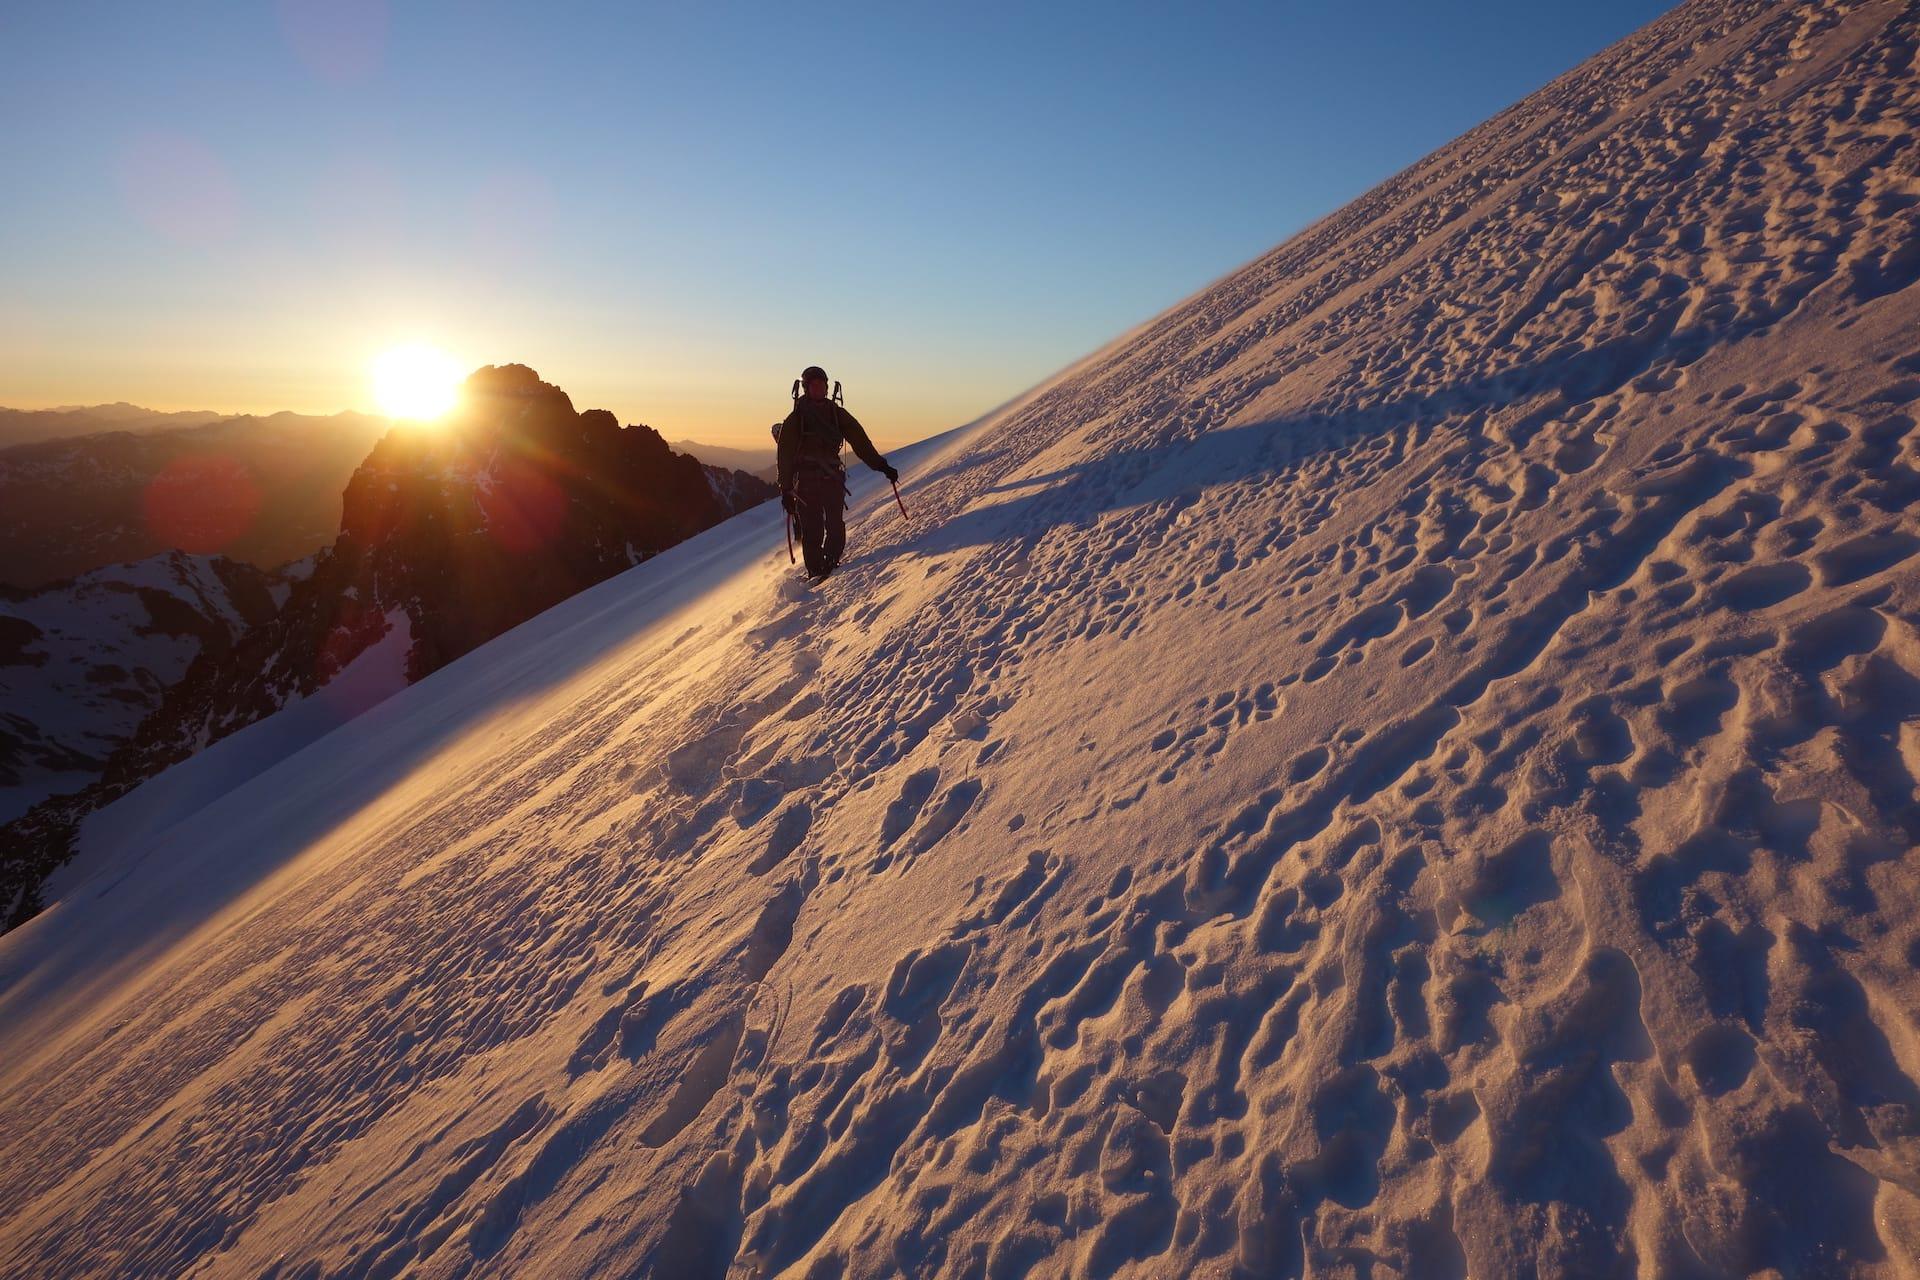 Errance autour du Glacier Blanc<br><span id='secondary-title' style='font-size:28px;line-height:34px;color:#fff!important;font-weight:300;display:block;padding-top:34px;'>Une chevauchée de plusieurs jours, d'arêtes en glaciers, à la croisée du plus grand glacier des Alpes du Sud</span>